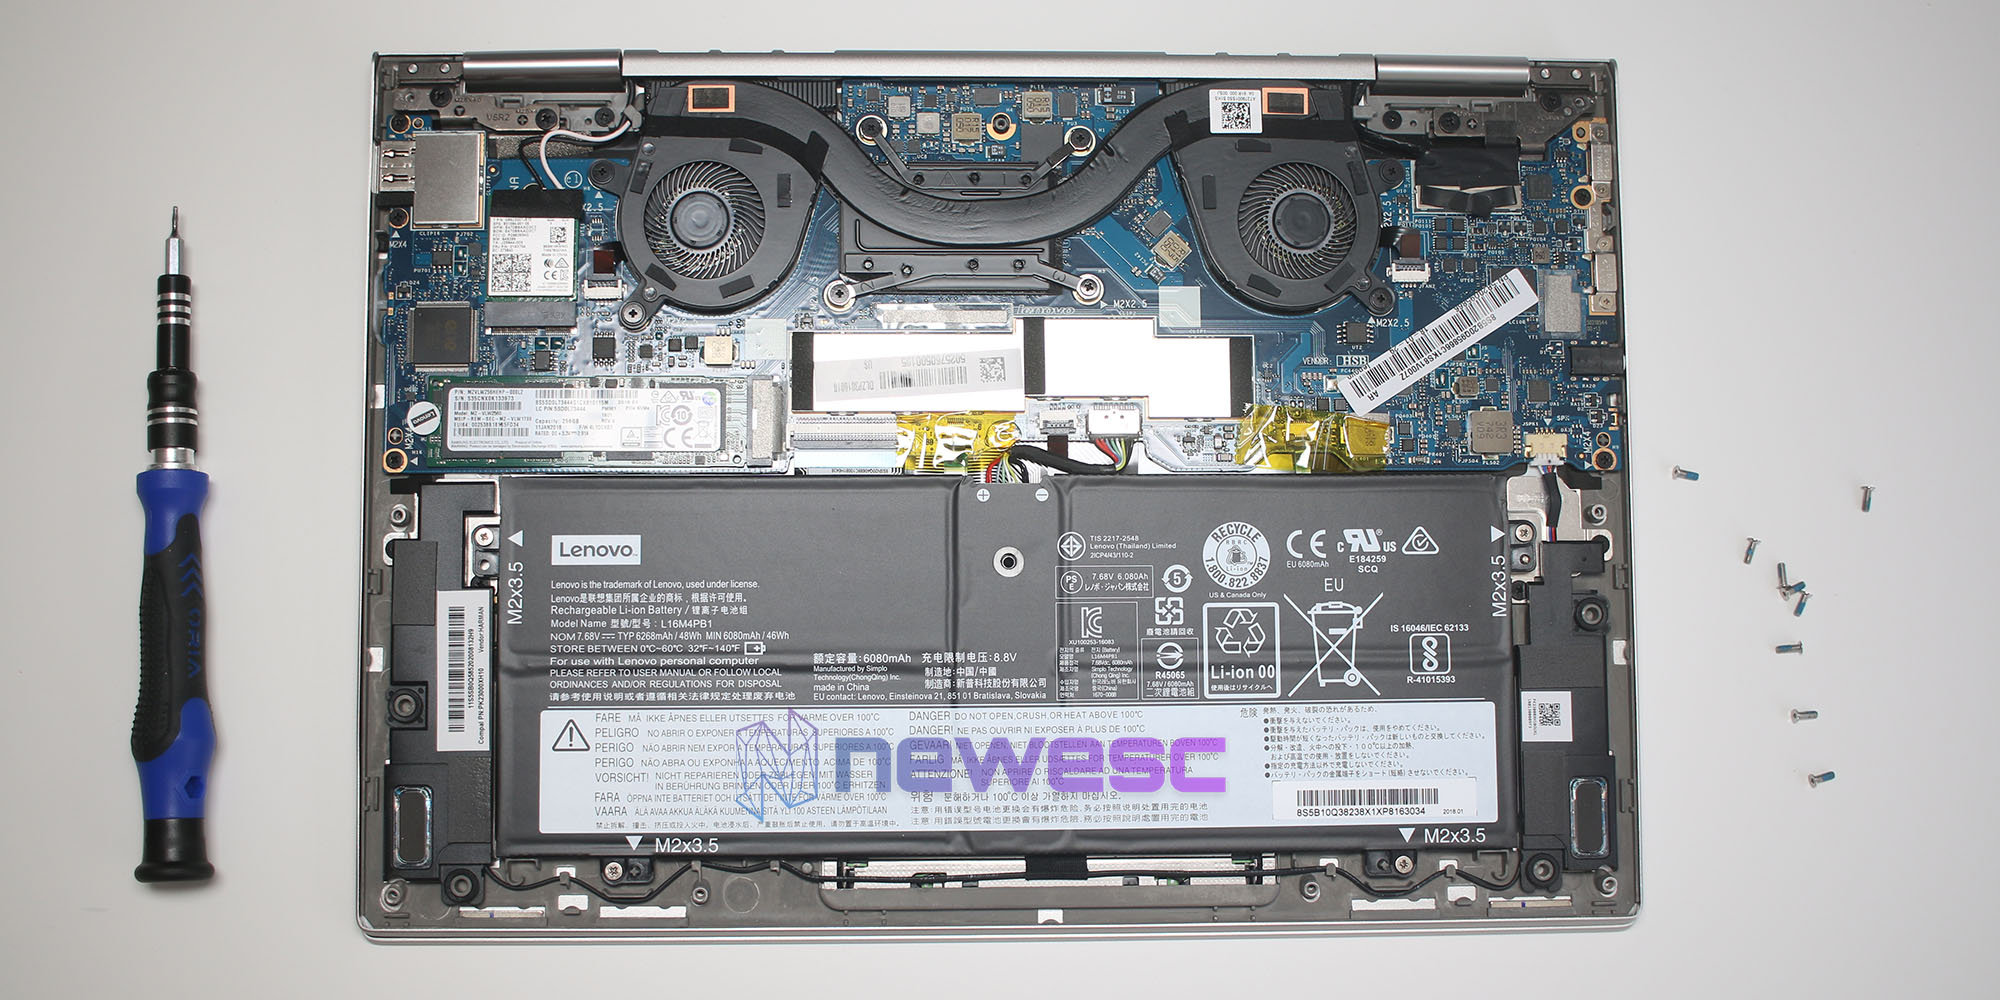 Review Lenovo Yoga 730 Componentes internos